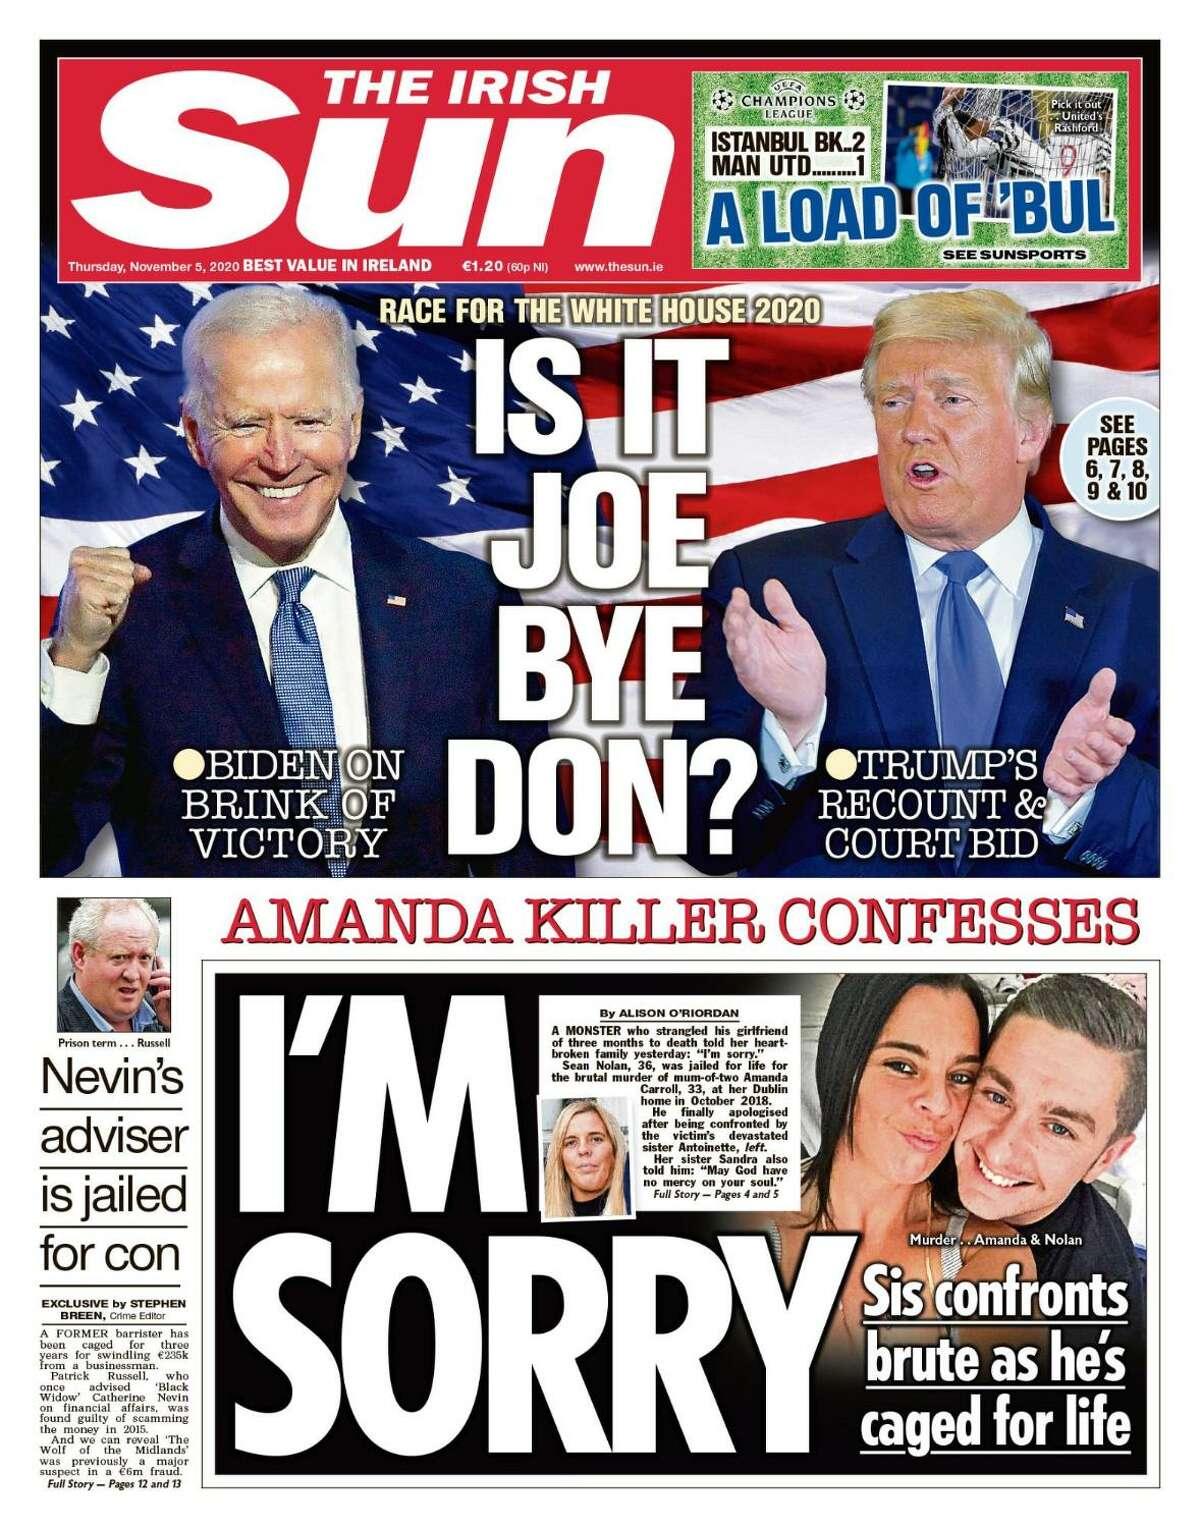 The Irish Sun headline read